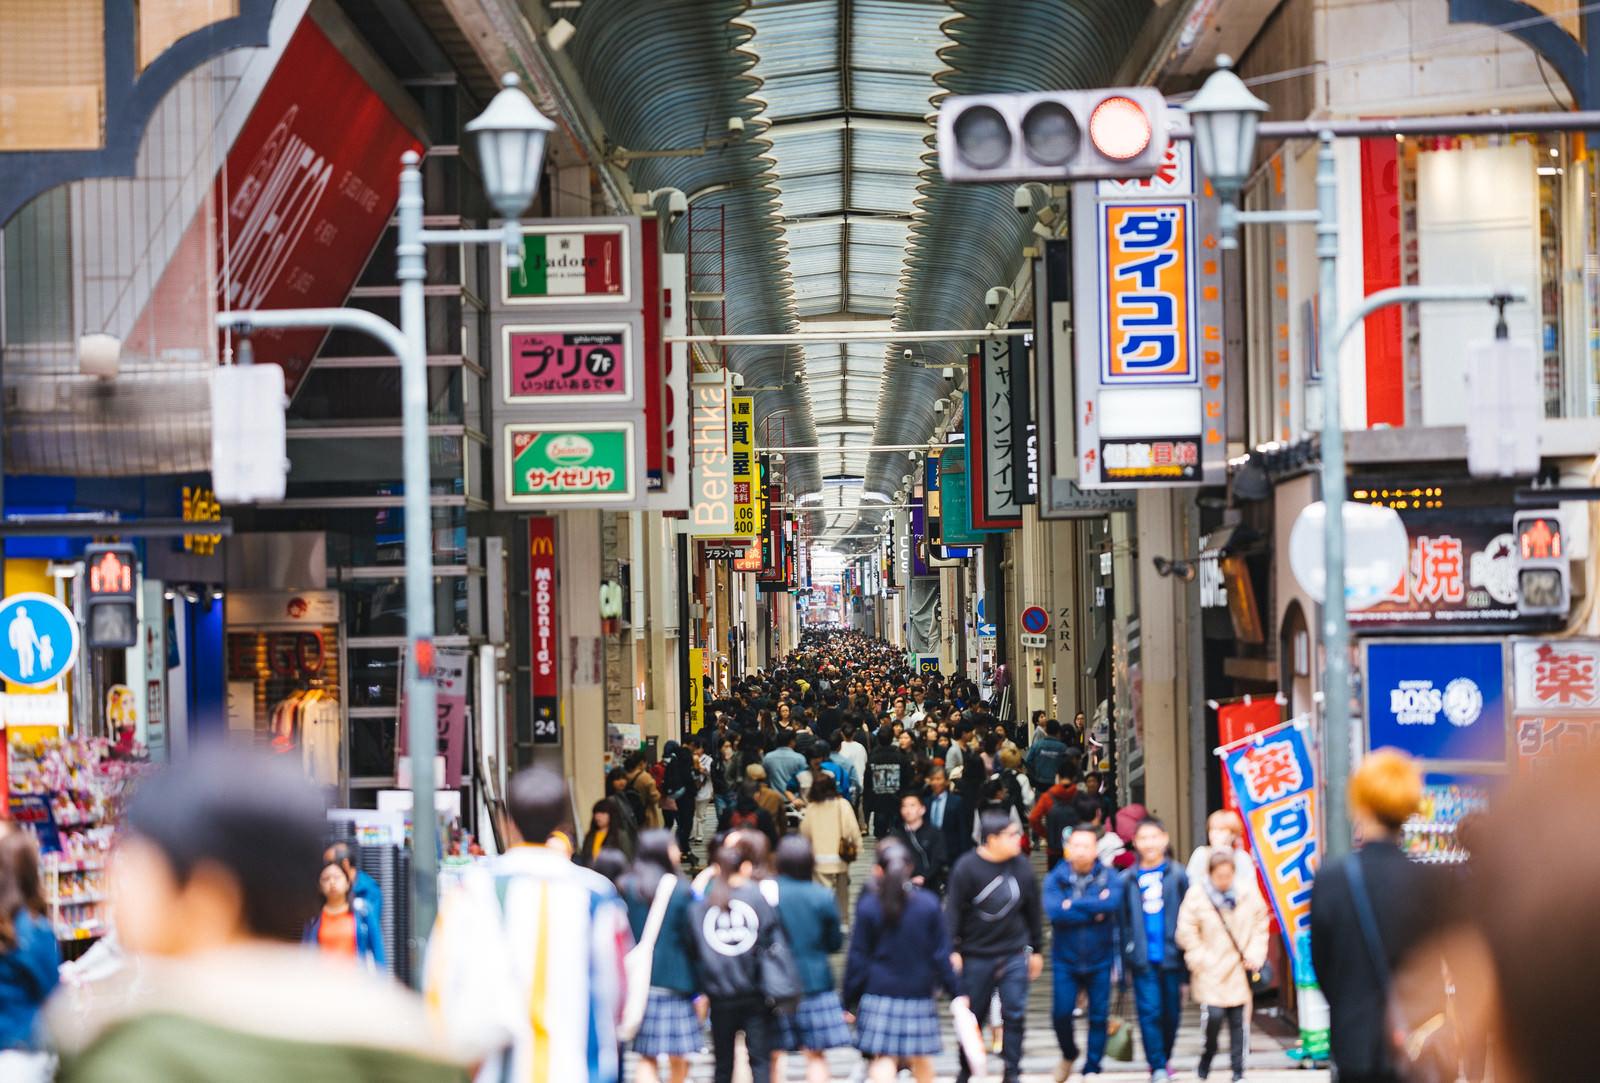 「心斎橋筋商店街の人混み」の写真